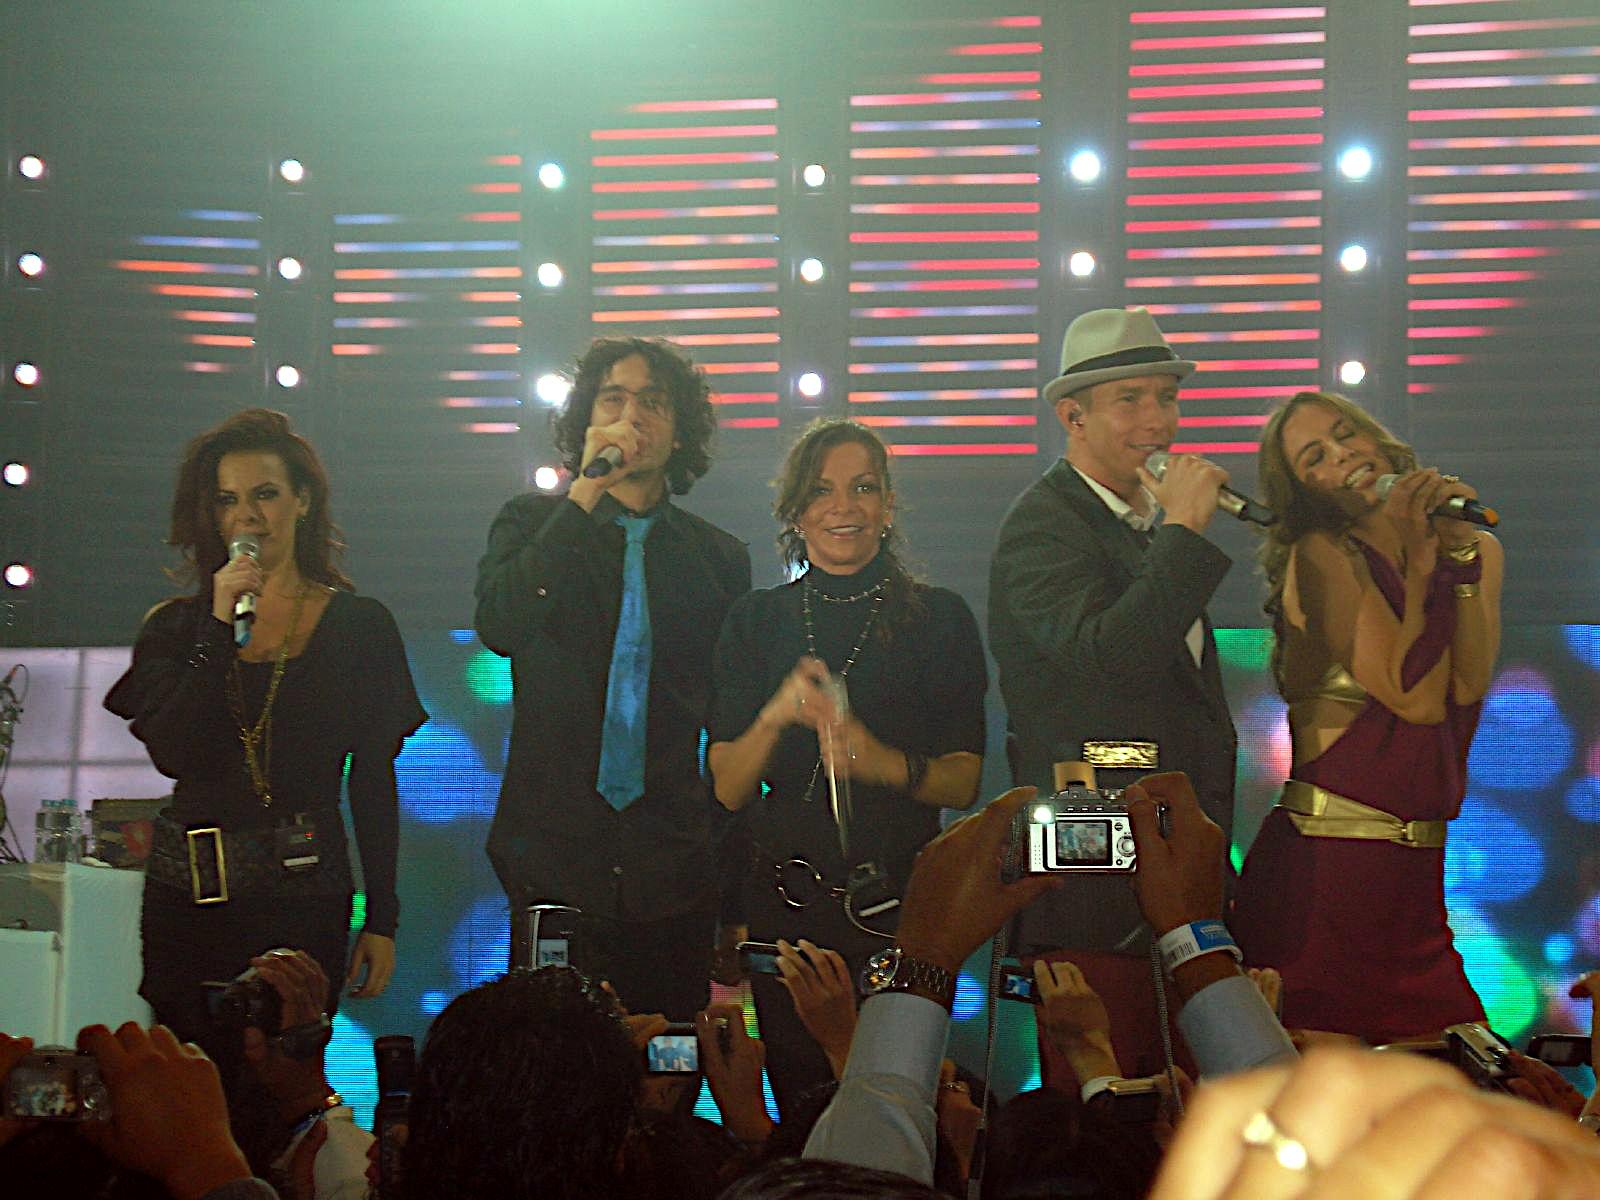 Miembros de Timbiriche durante su gira musical de 2007. De izquierda a derecha se encuentran Alix Bauer, Benny Ibarra, Mariana Garza, Erick Rubín y hasta al final se encuentra Sökol.